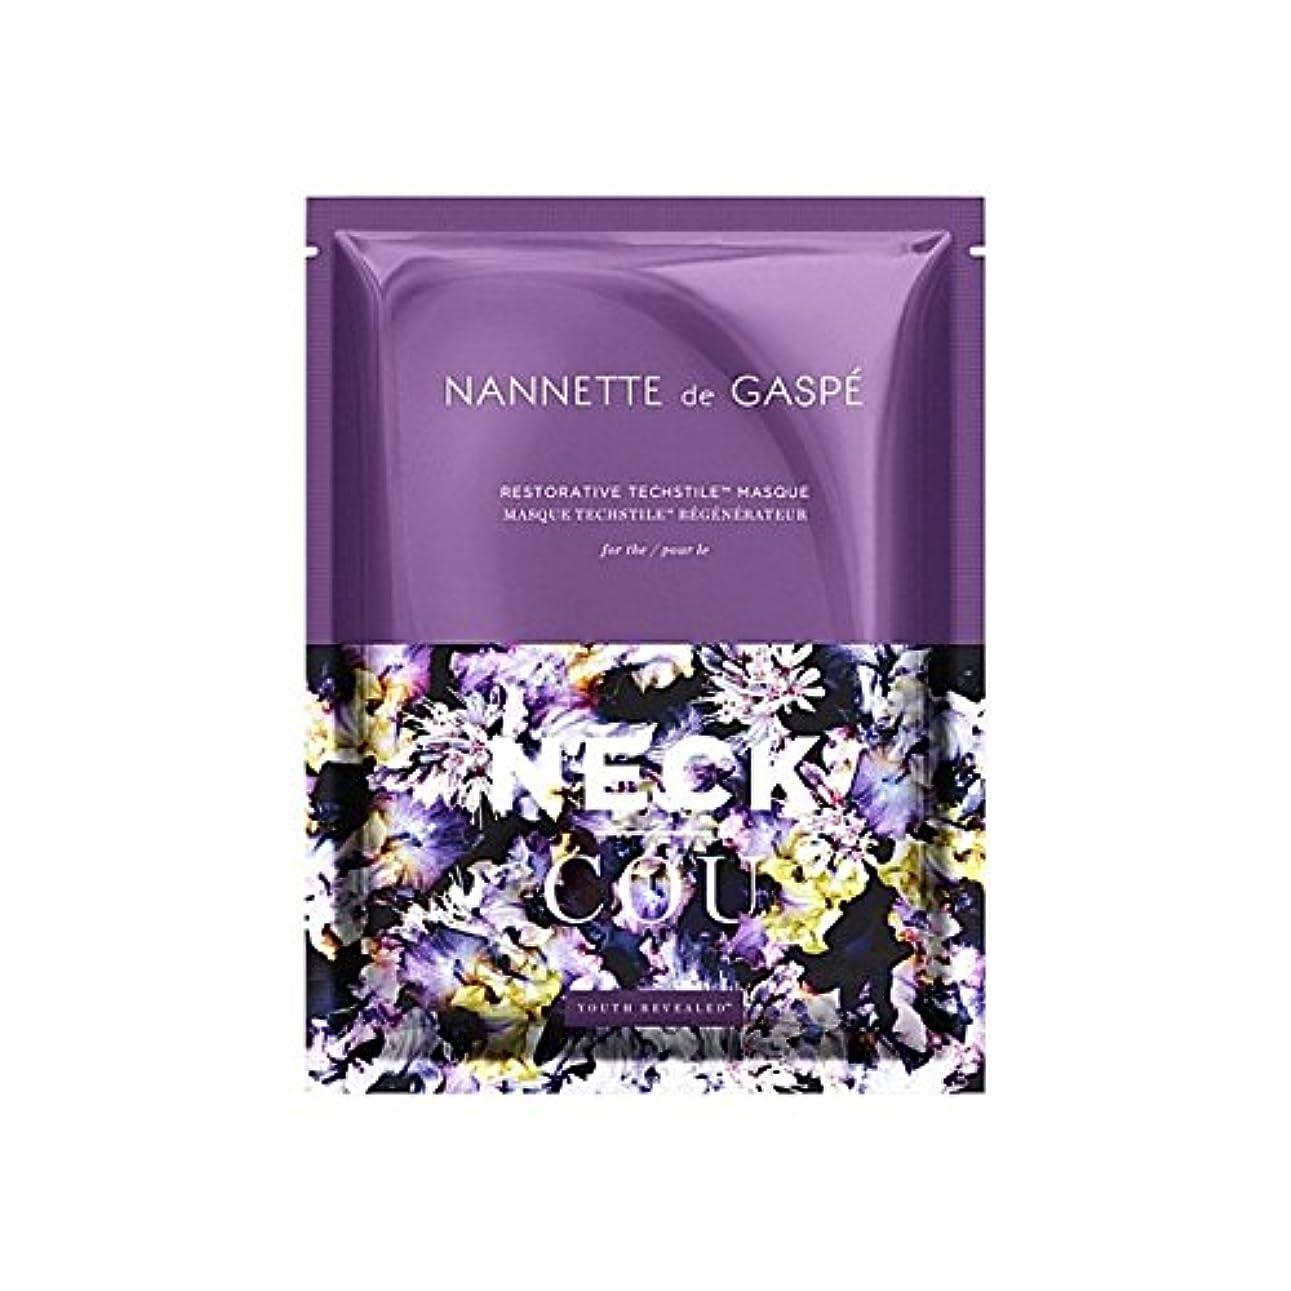 同志救急車少しデガスペ修復首の仮面劇 x2 - Nannette De Gaspe Restorative Techstile Neck Masque (Pack of 2) [並行輸入品]